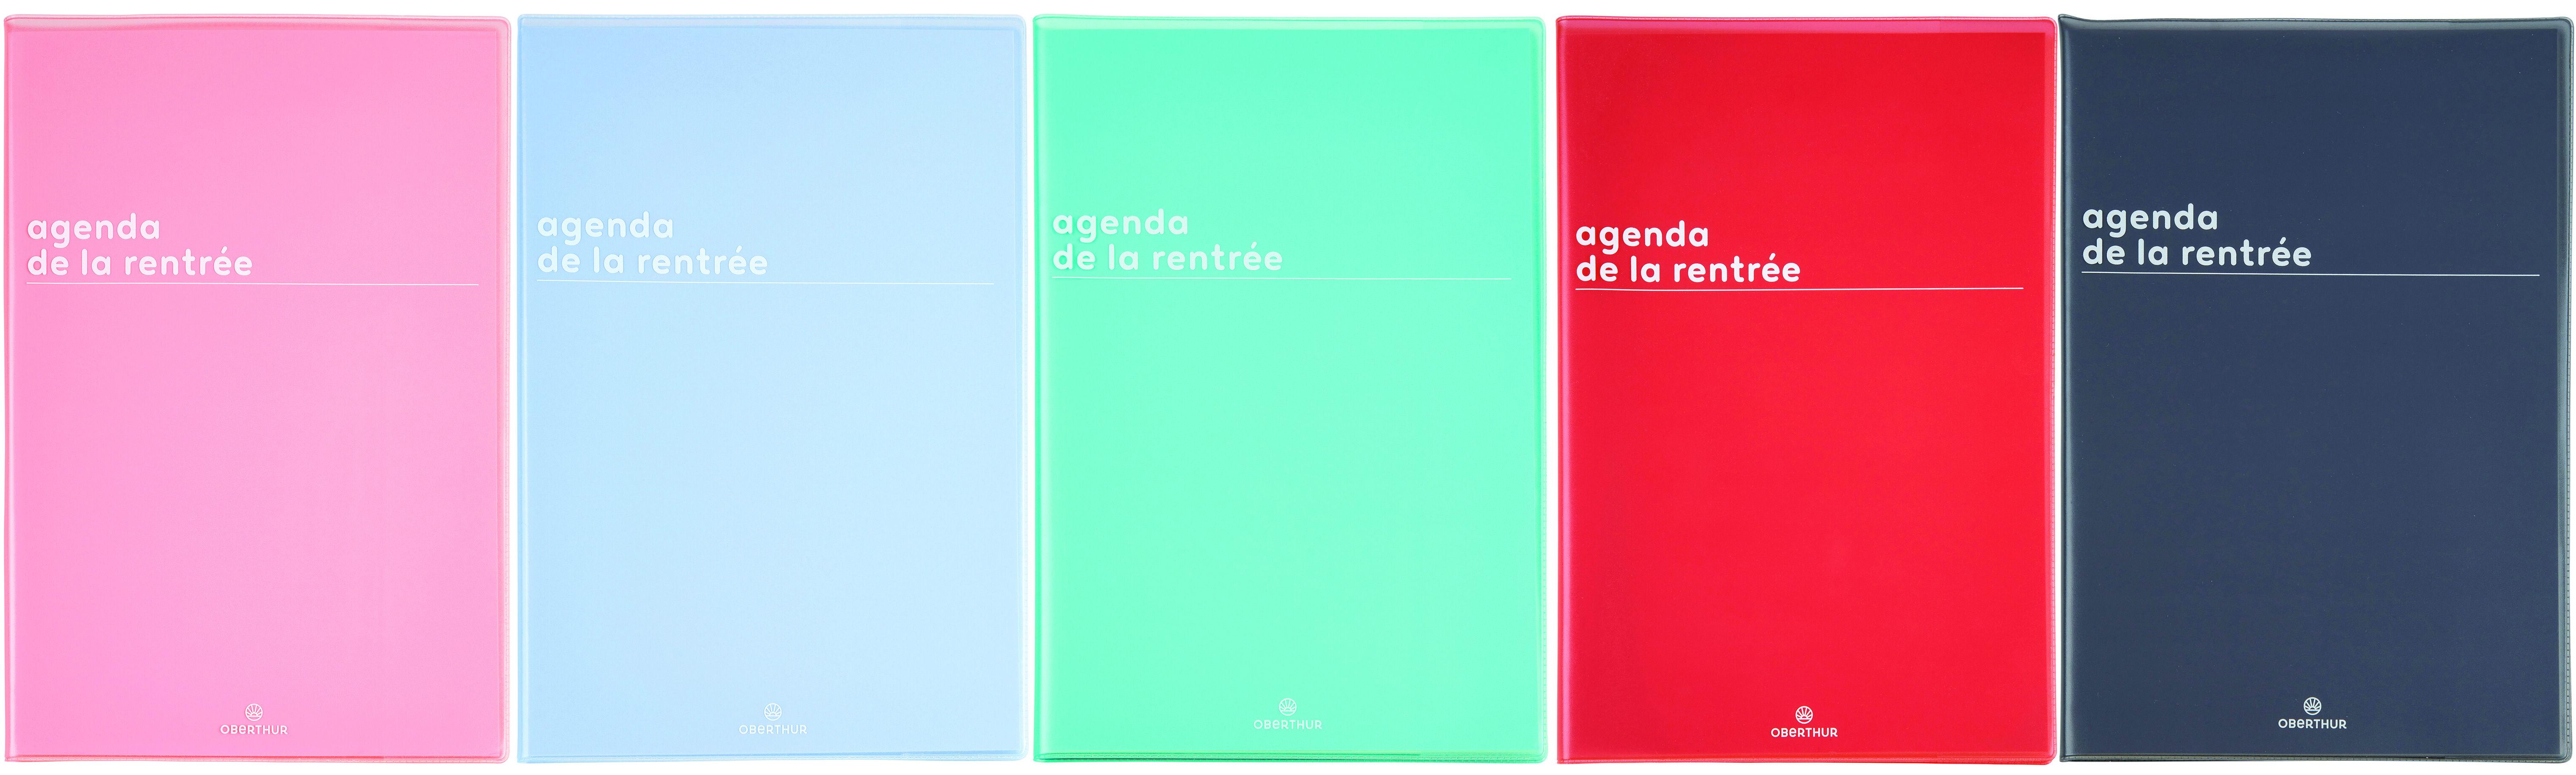 Boréal - Agenda de la Rentrée - 1 semaine sur 2 pages - 16 x 24 cm - Oberthur